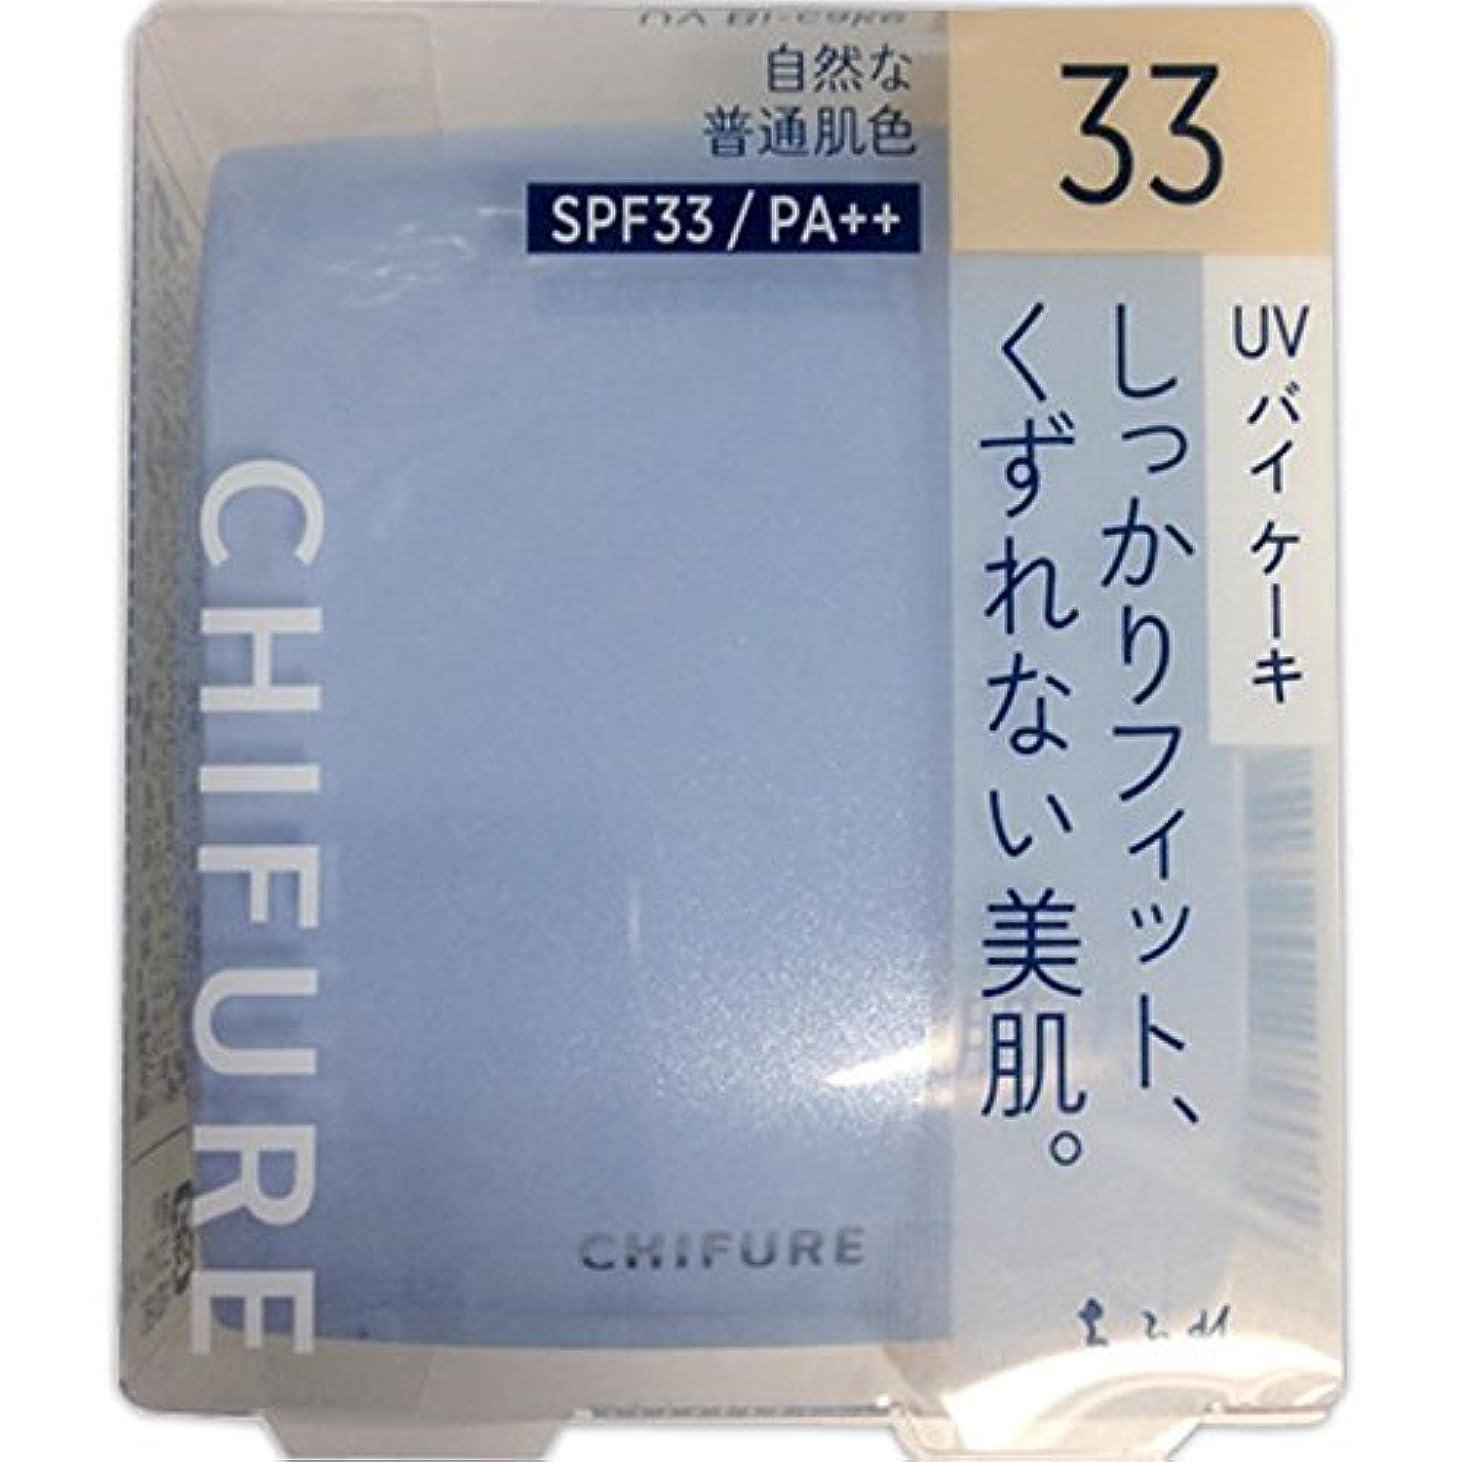 息を切らして警告太鼓腹ちふれ化粧品 UV バイ ケーキ(スポンジ入り) 33 自然な普通肌色 14g